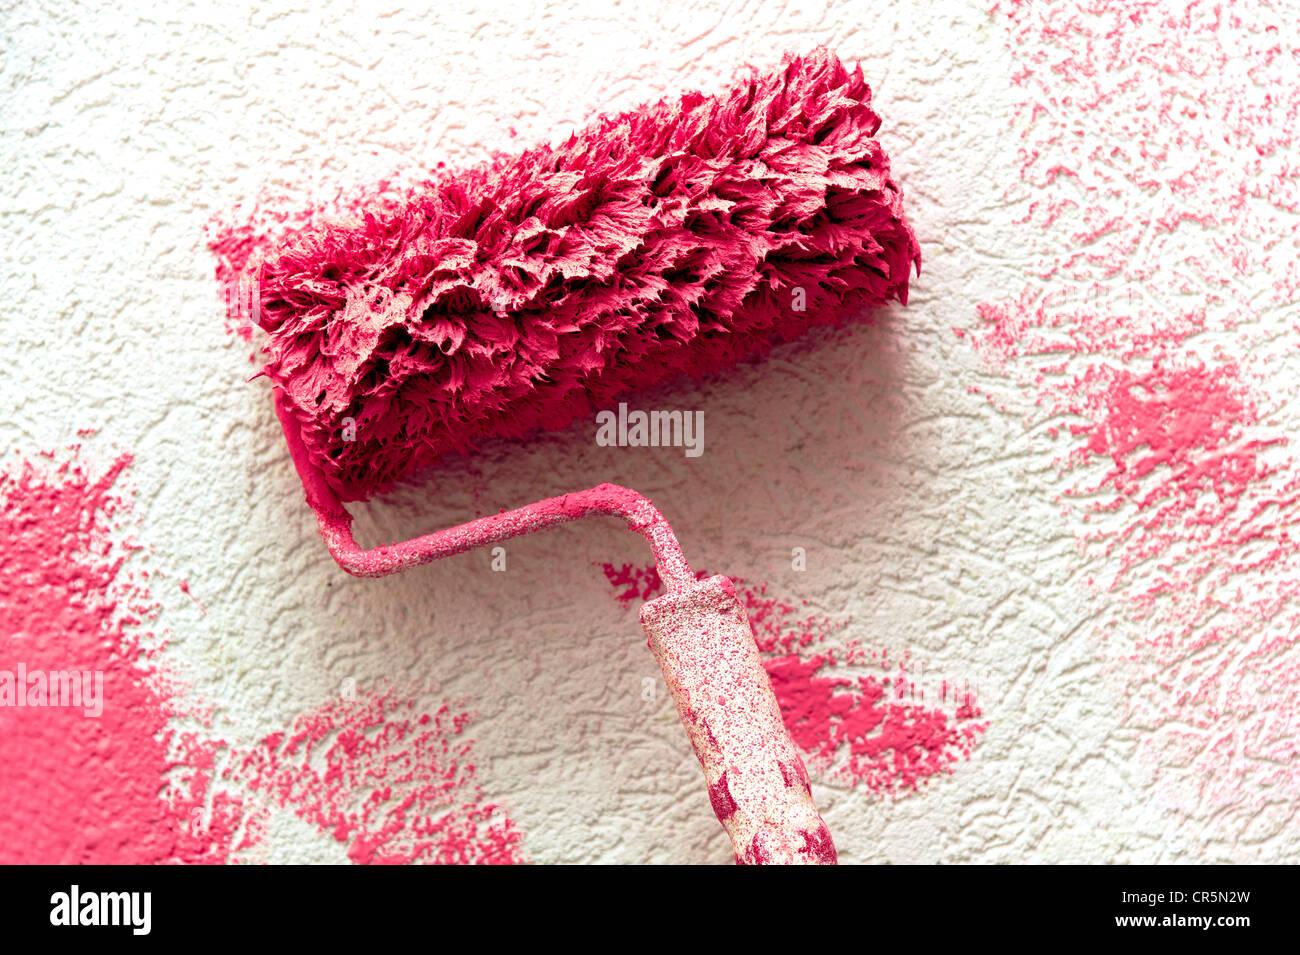 Farbroller Mit Rosa Farbe Auf Eine Weiße Wand Stockfoto Bild